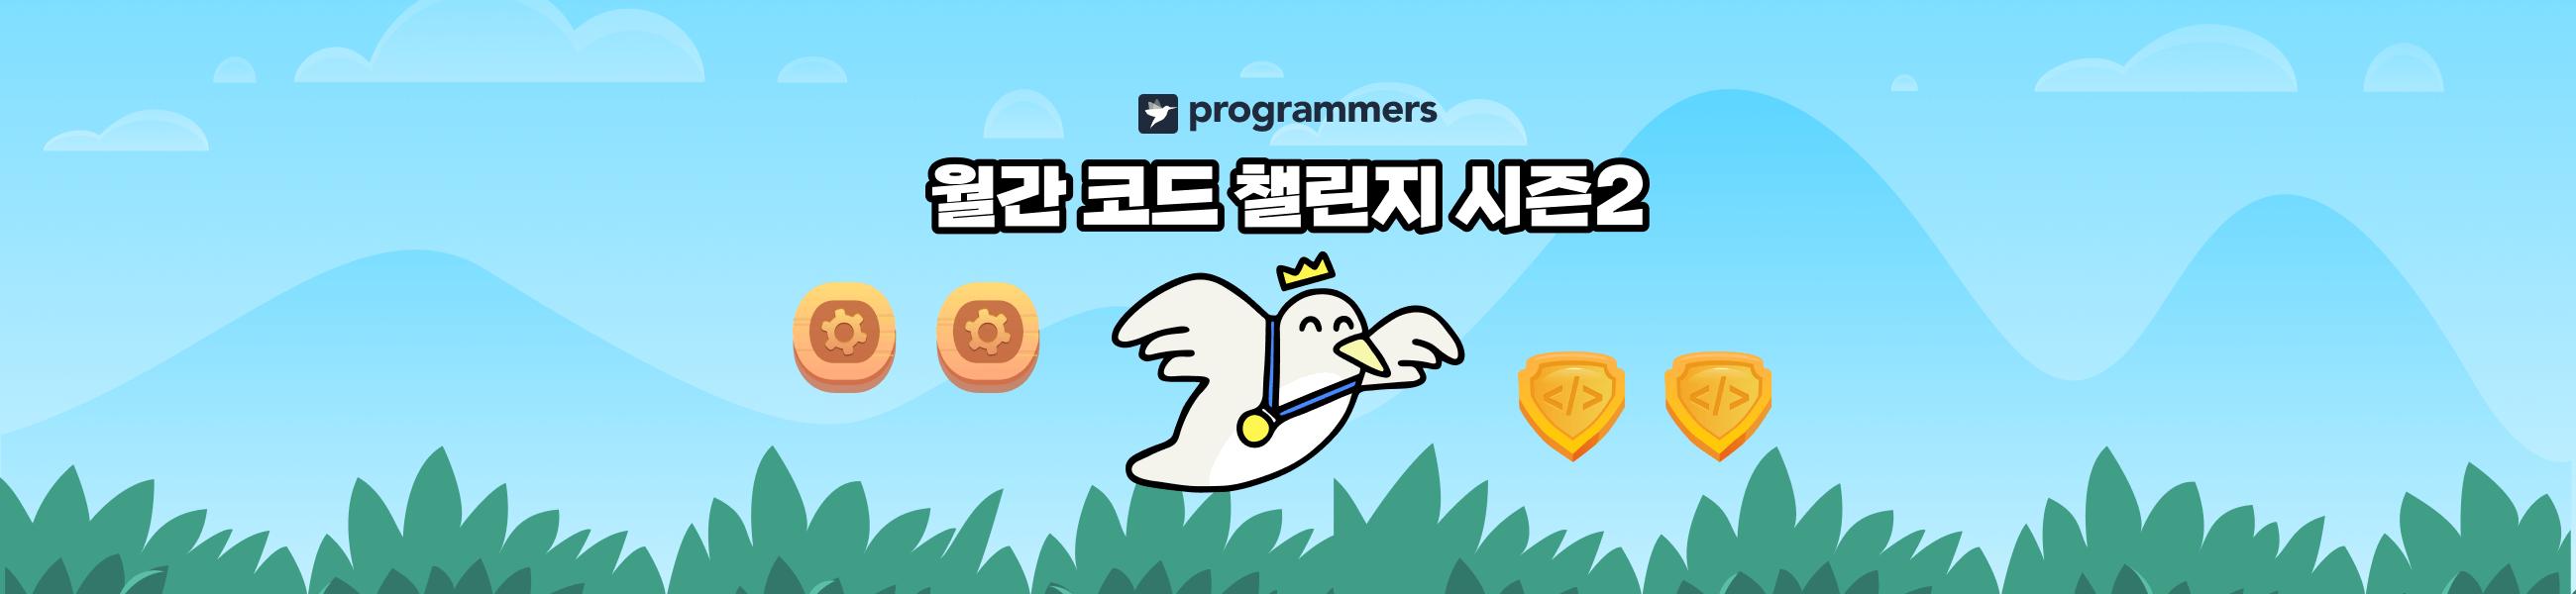 프로그래머스 월간 코드 챌린지 시즌2의 이미지